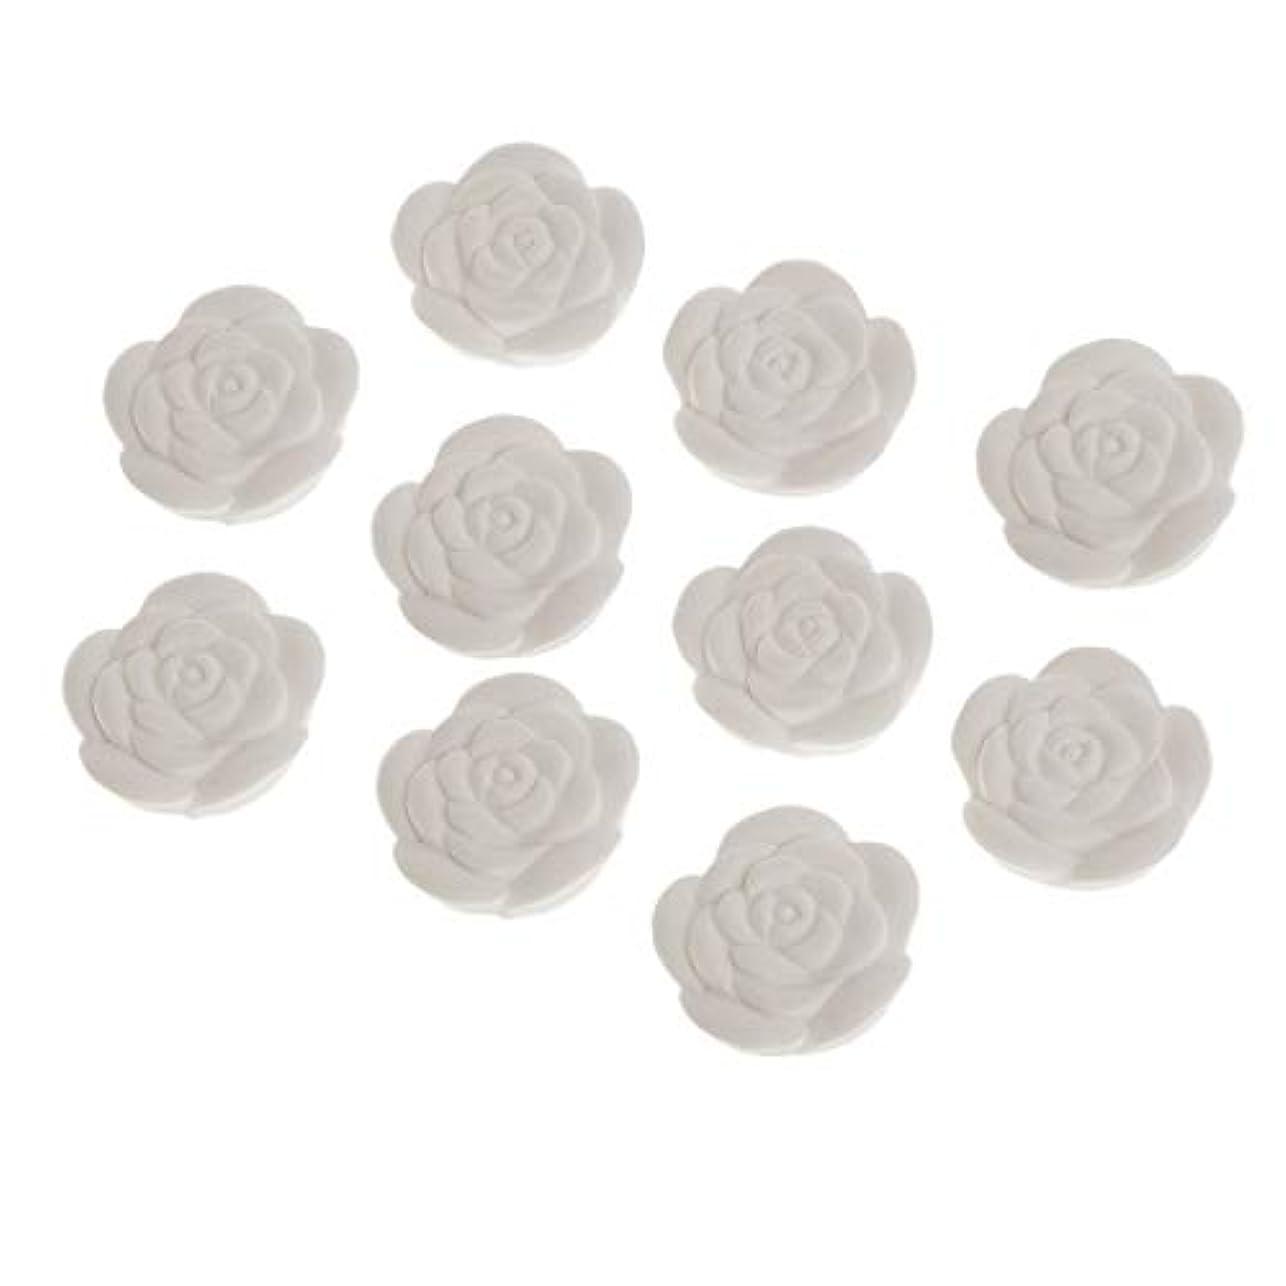 貧困チャンバー凍るアロマストーン 石膏 花形 香り変更可能 トイレ用 車用 家用 寝室用 10個入り